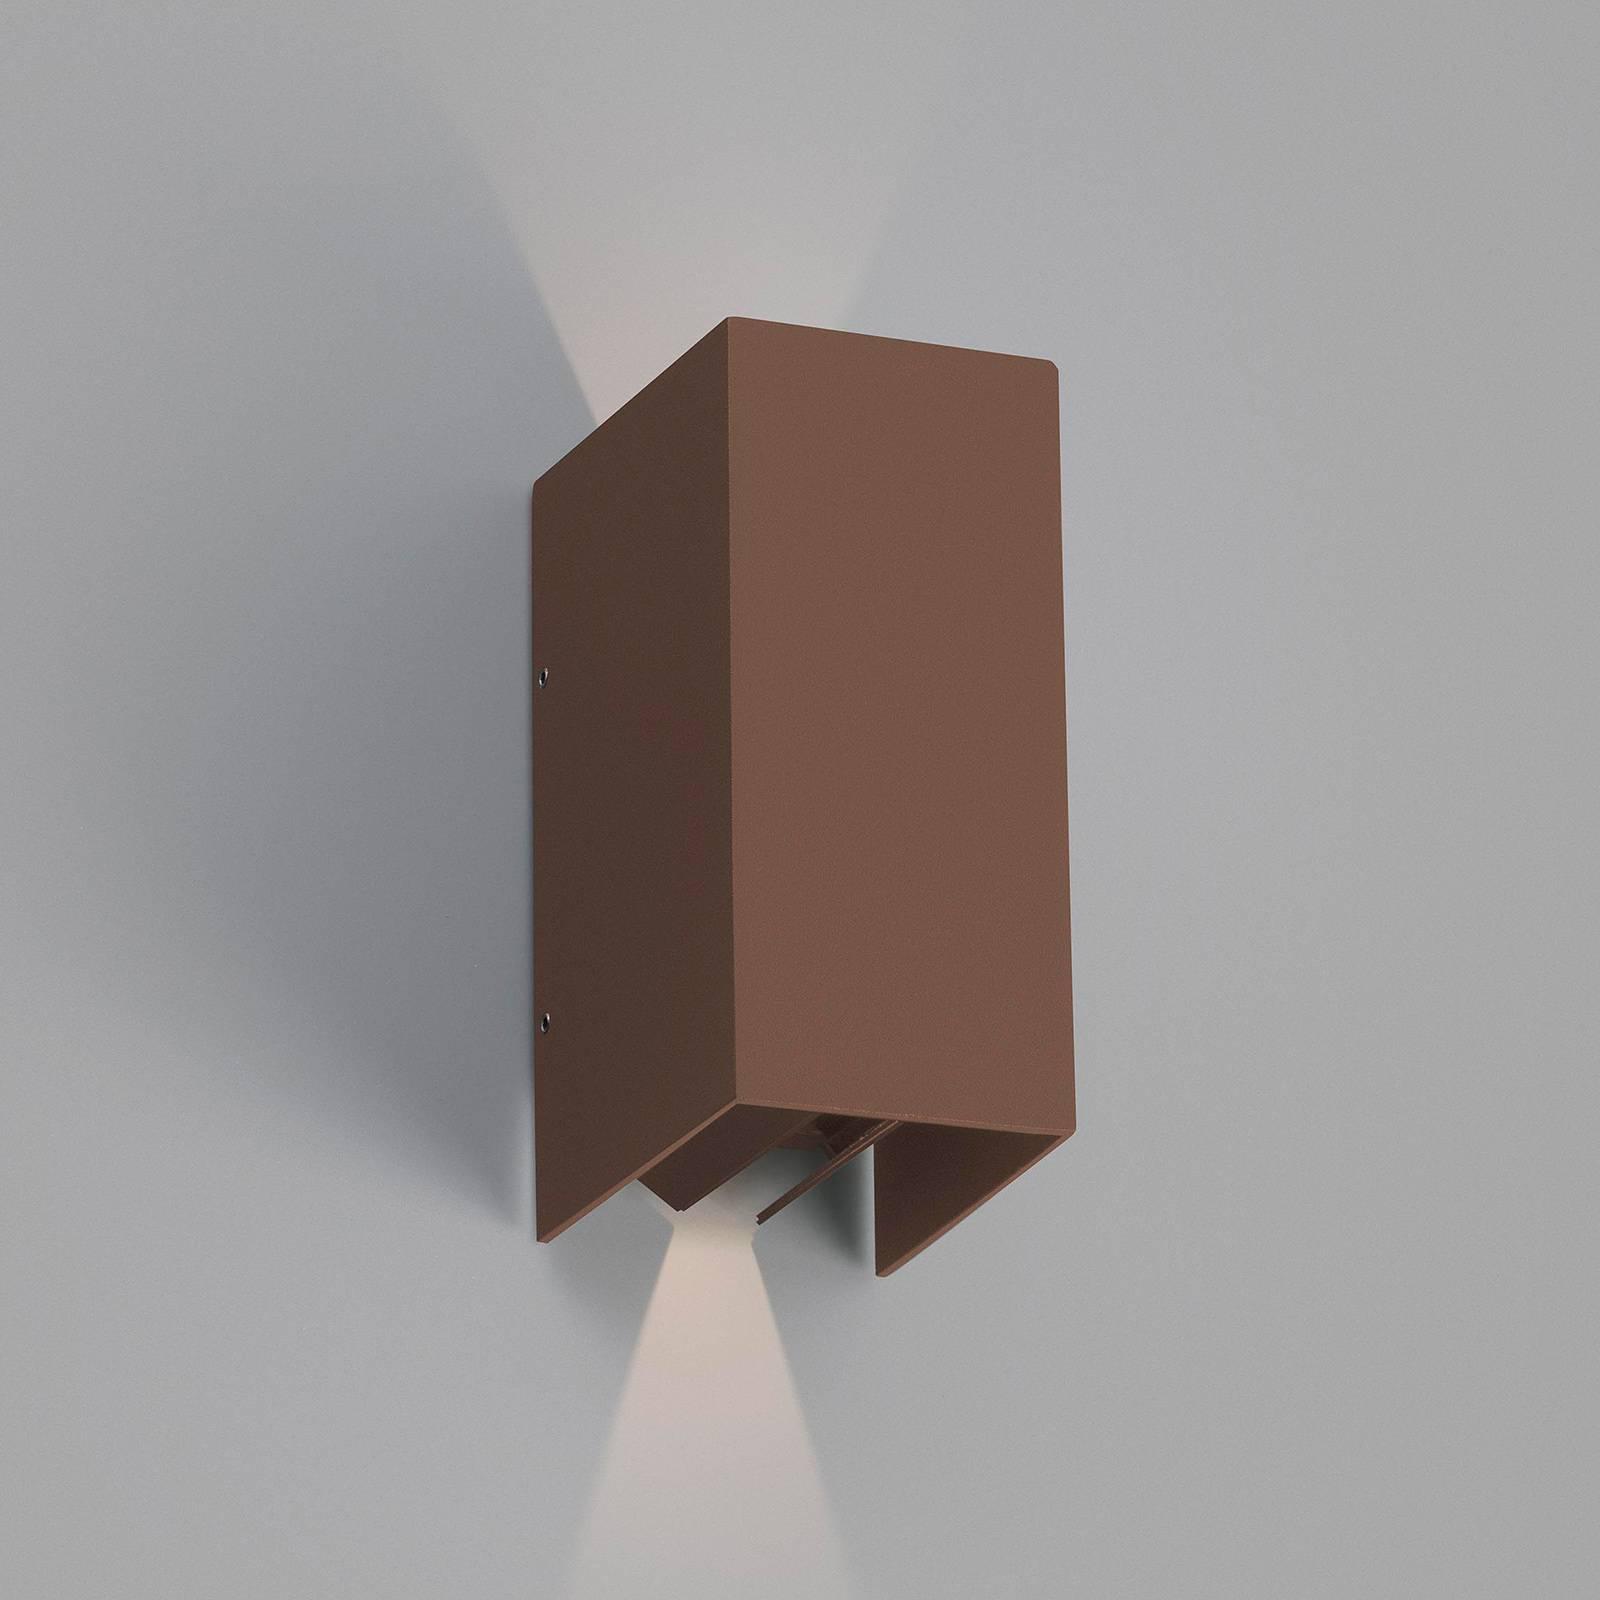 LED-ulkoseinälamppu Blind, ruosteenruskea